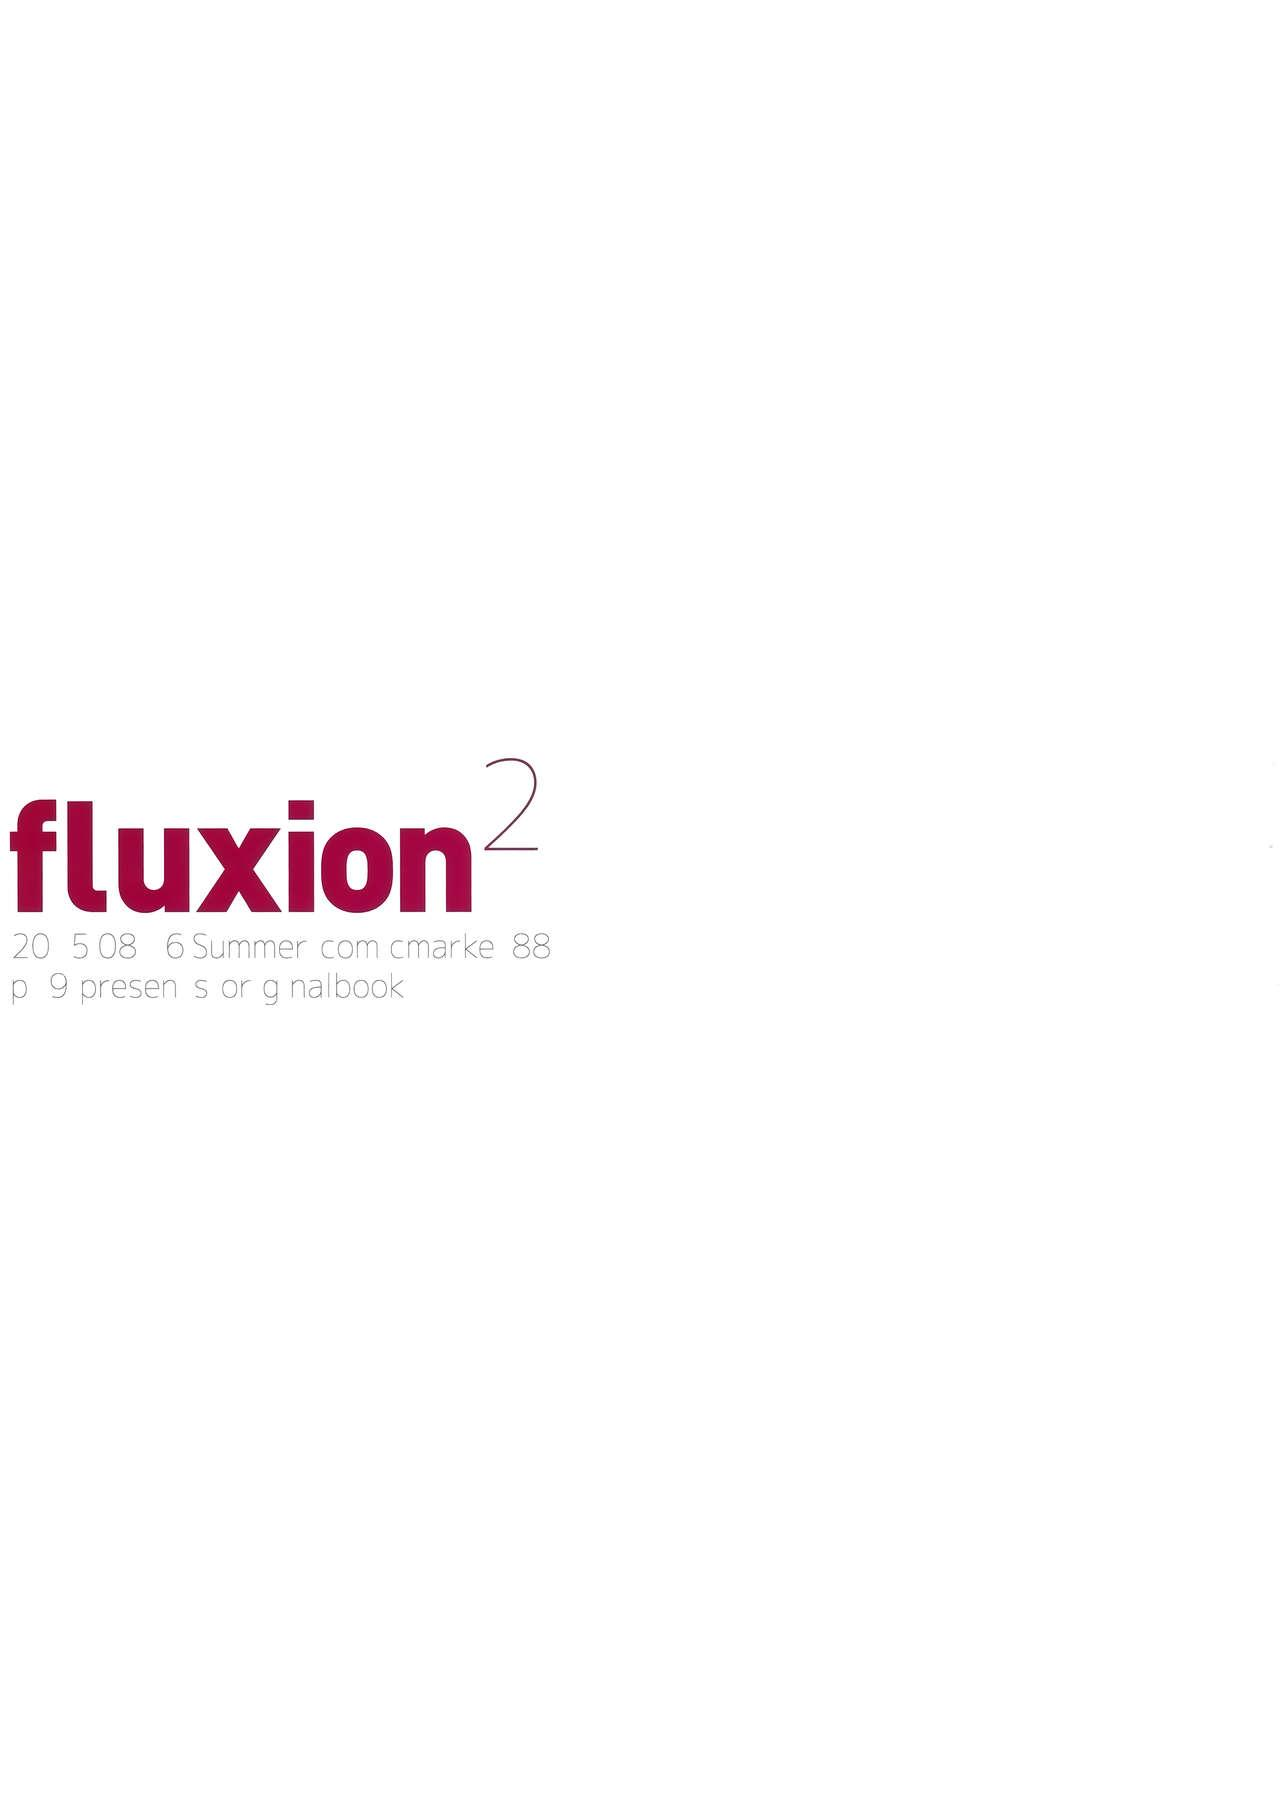 fluxion2 1